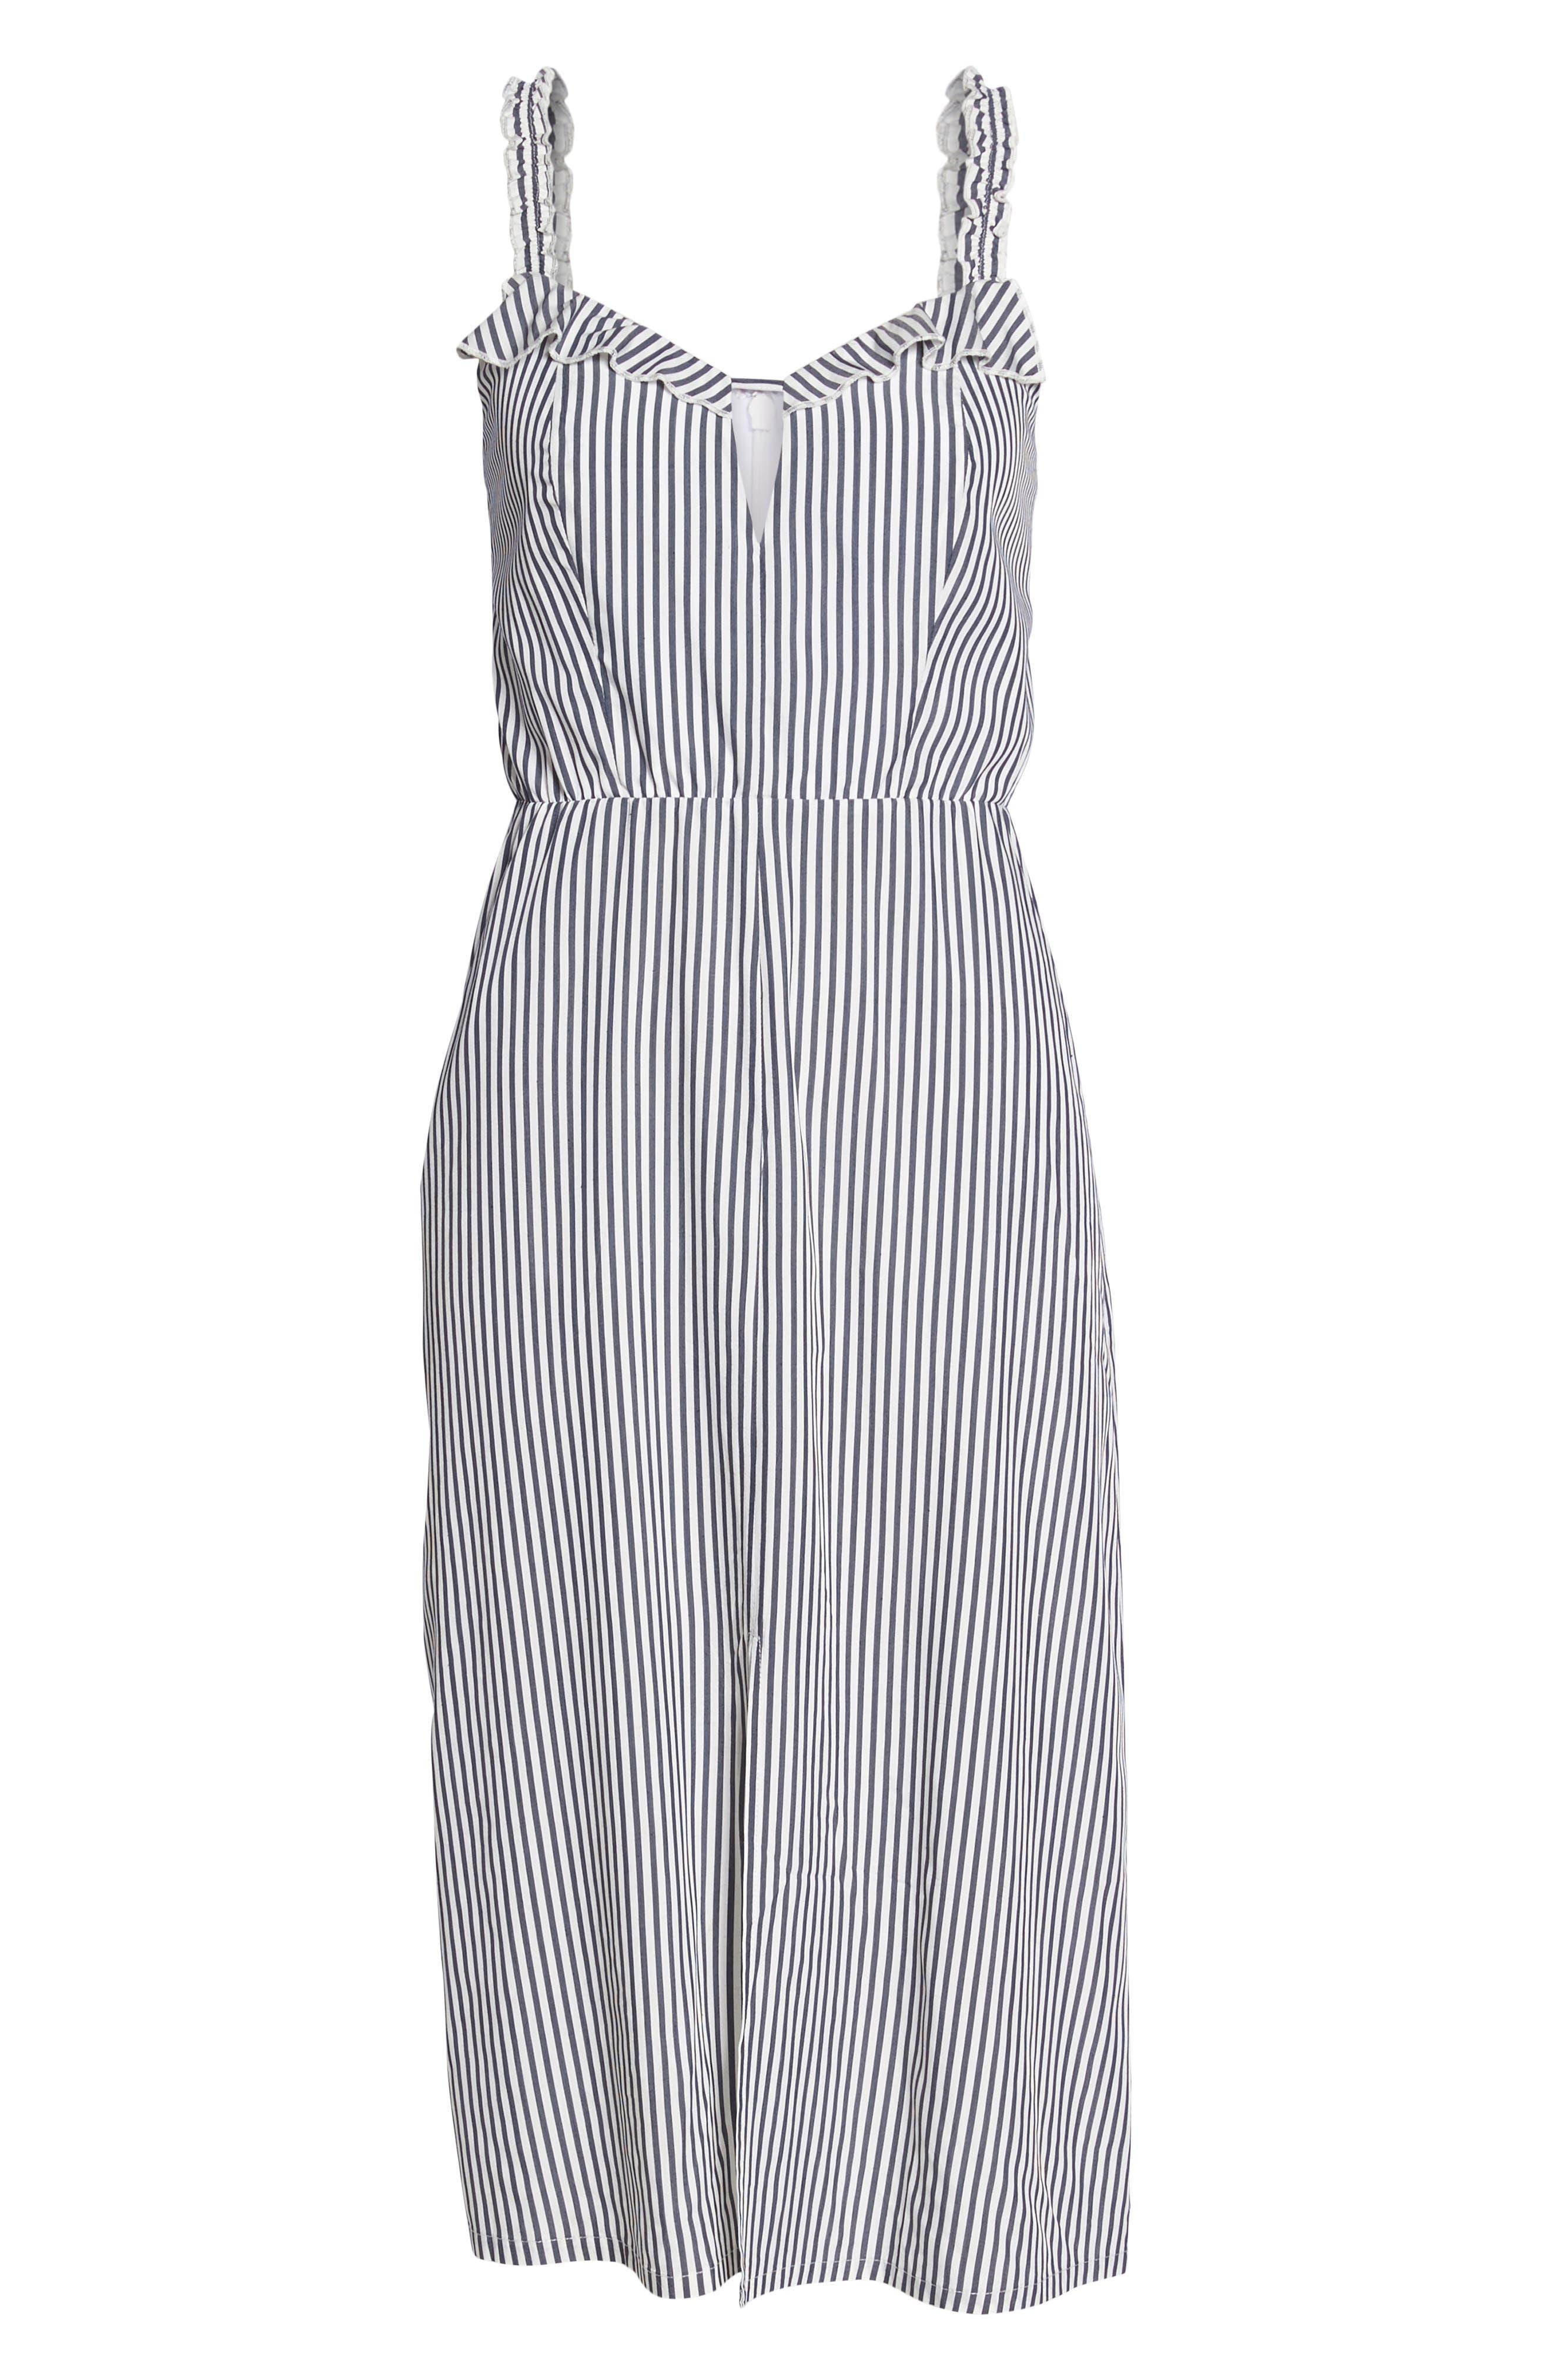 Drinks On Me Stripe Ruffle Midi Dress,                             Alternate thumbnail 6, color,                             100